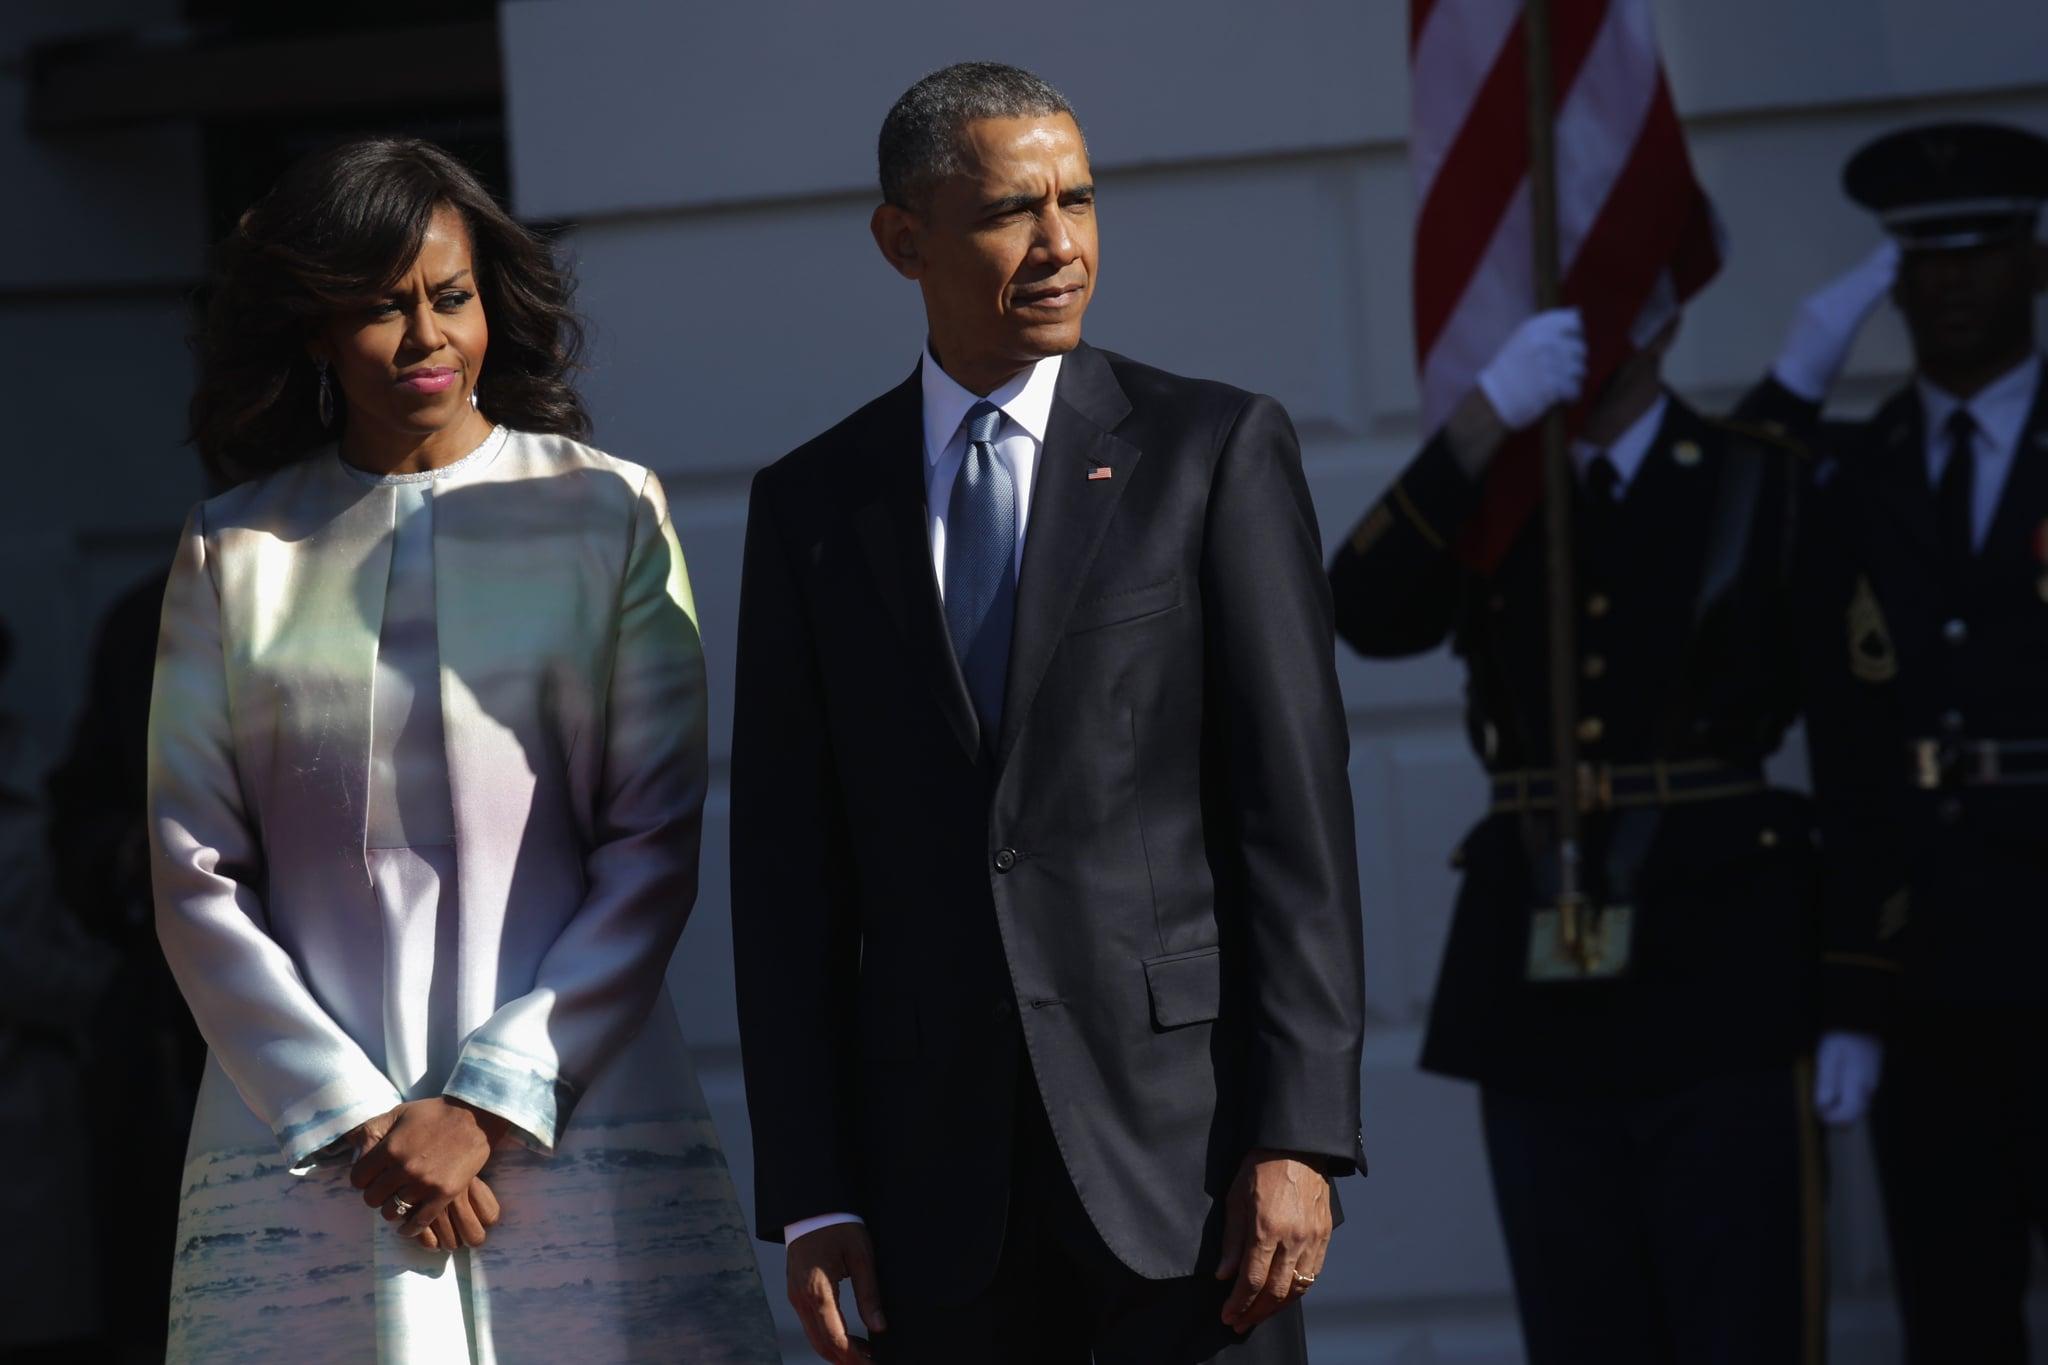 واشنگتن ، دی سی - 28 آوریل: (خبرگزاری فرانسه) باراک اوباما رئیس جمهور آمریکا (R) و میشل اوباما بانوی اول (L) منتظر ورود نخست وزیر ژاپن شینزو آبه و همسرش آکی آبه هنگام مراسم رسمی ورود به چمن جنوبی هستند کاخ سفید 28 آوریل 2015 در واشنگتن دی سی  نخست وزیر ژاپن و همسرش در سفر رسمی به واشنگتن هستند.  (عکس از الکس وونگ / گتی ایماژ)